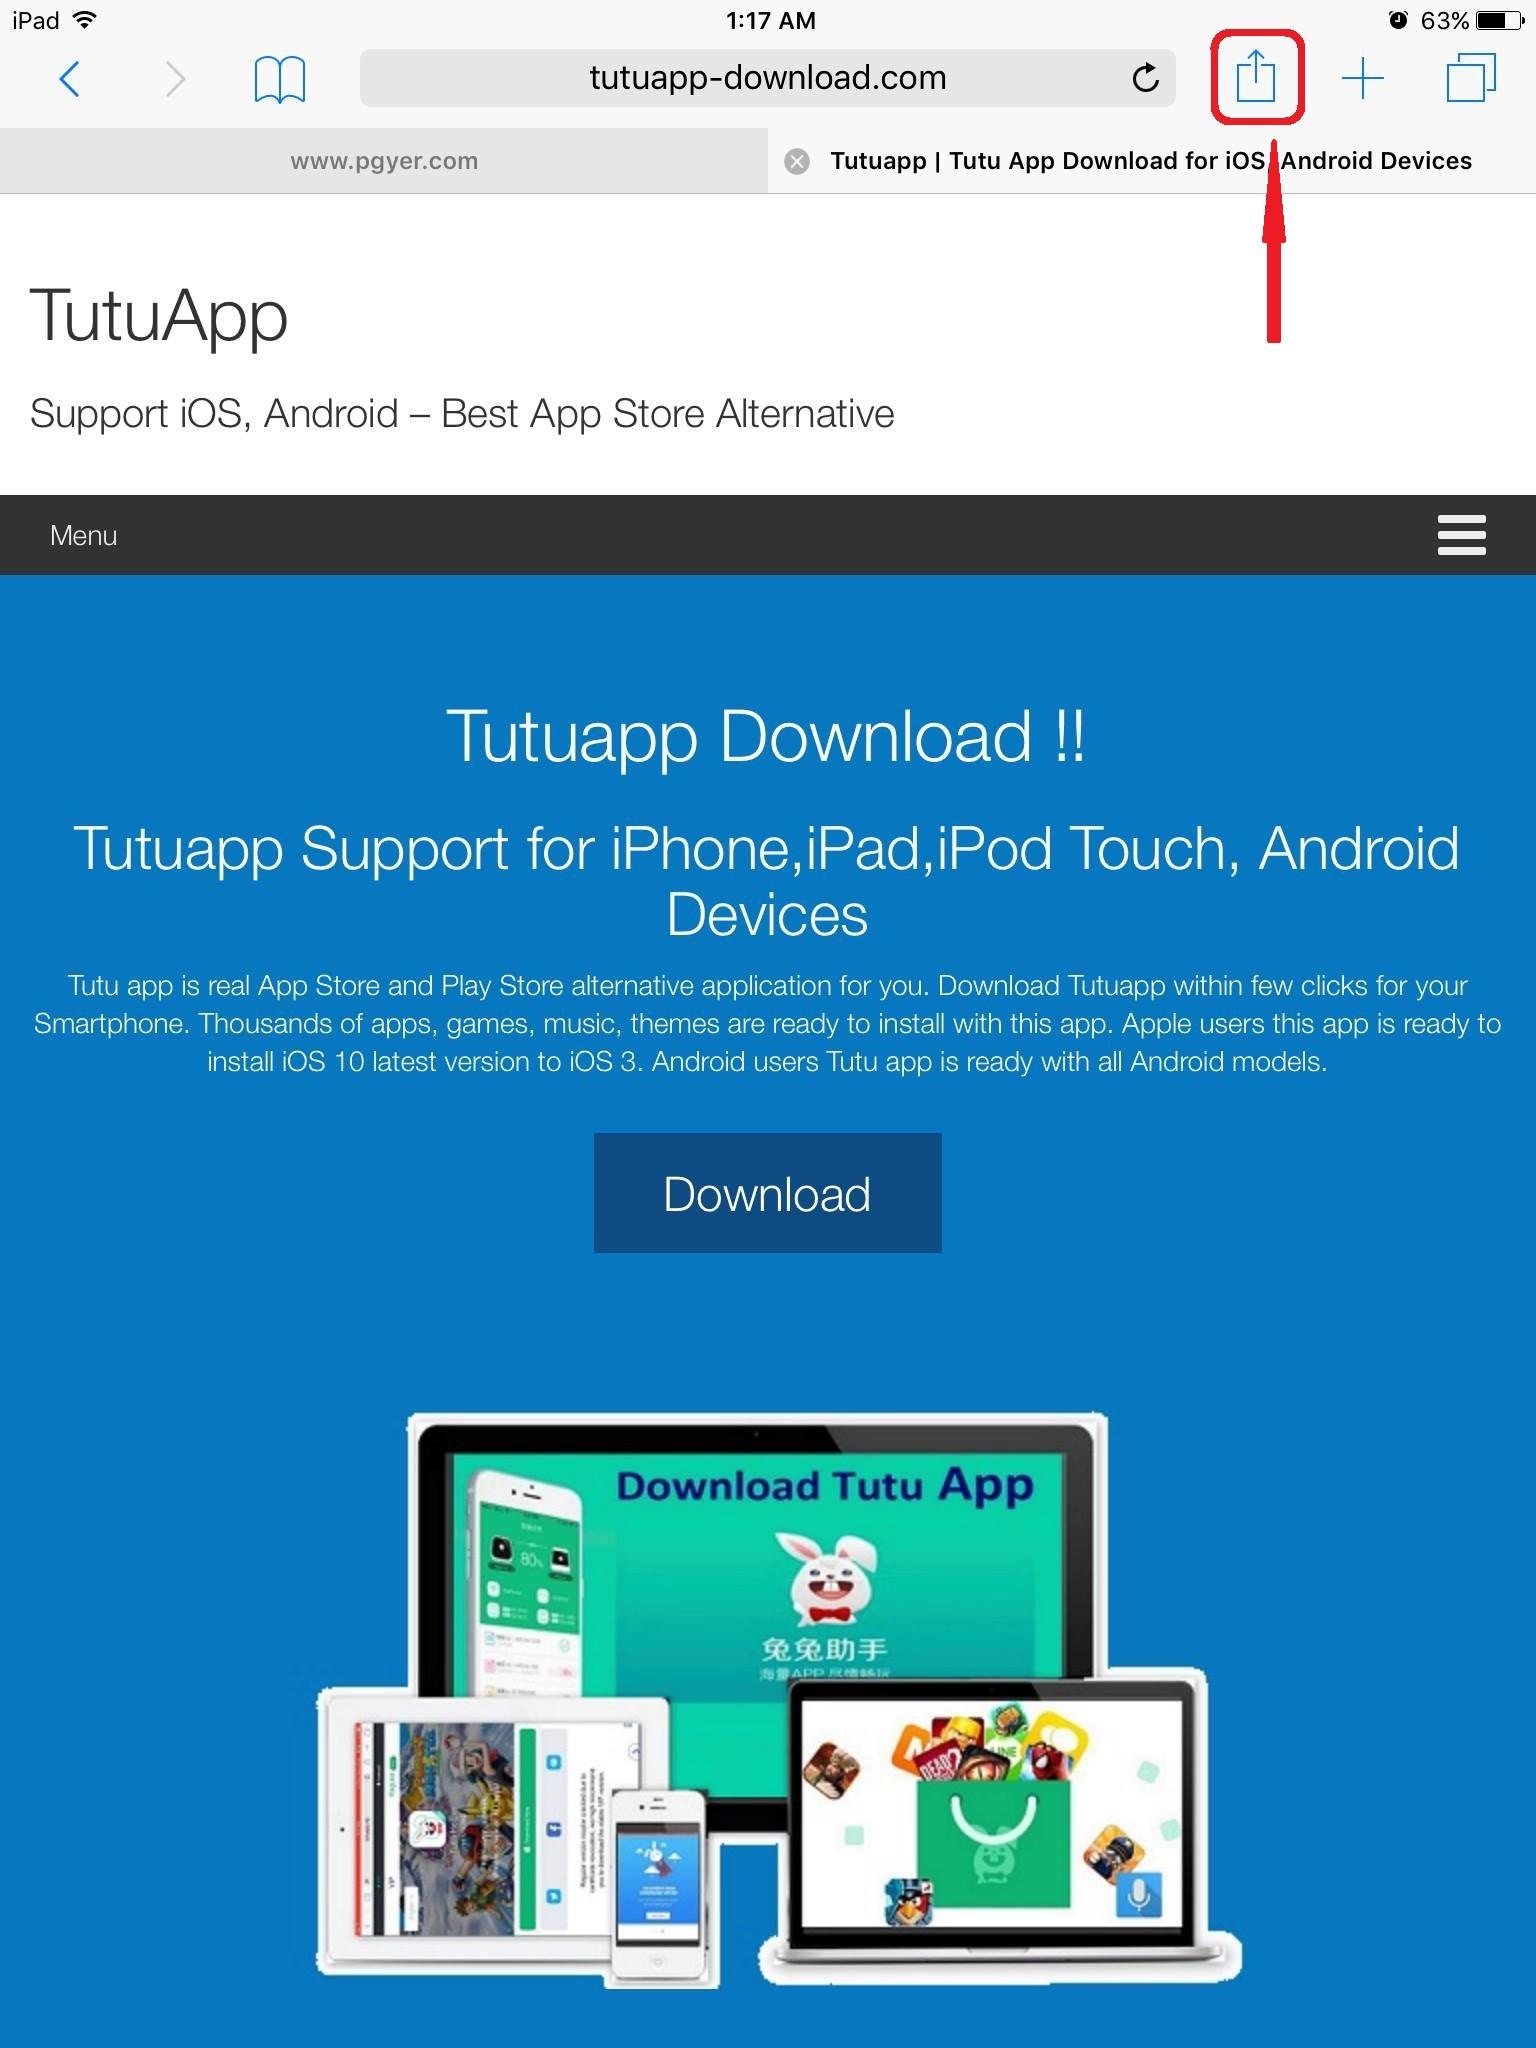 tutuapp update latest version